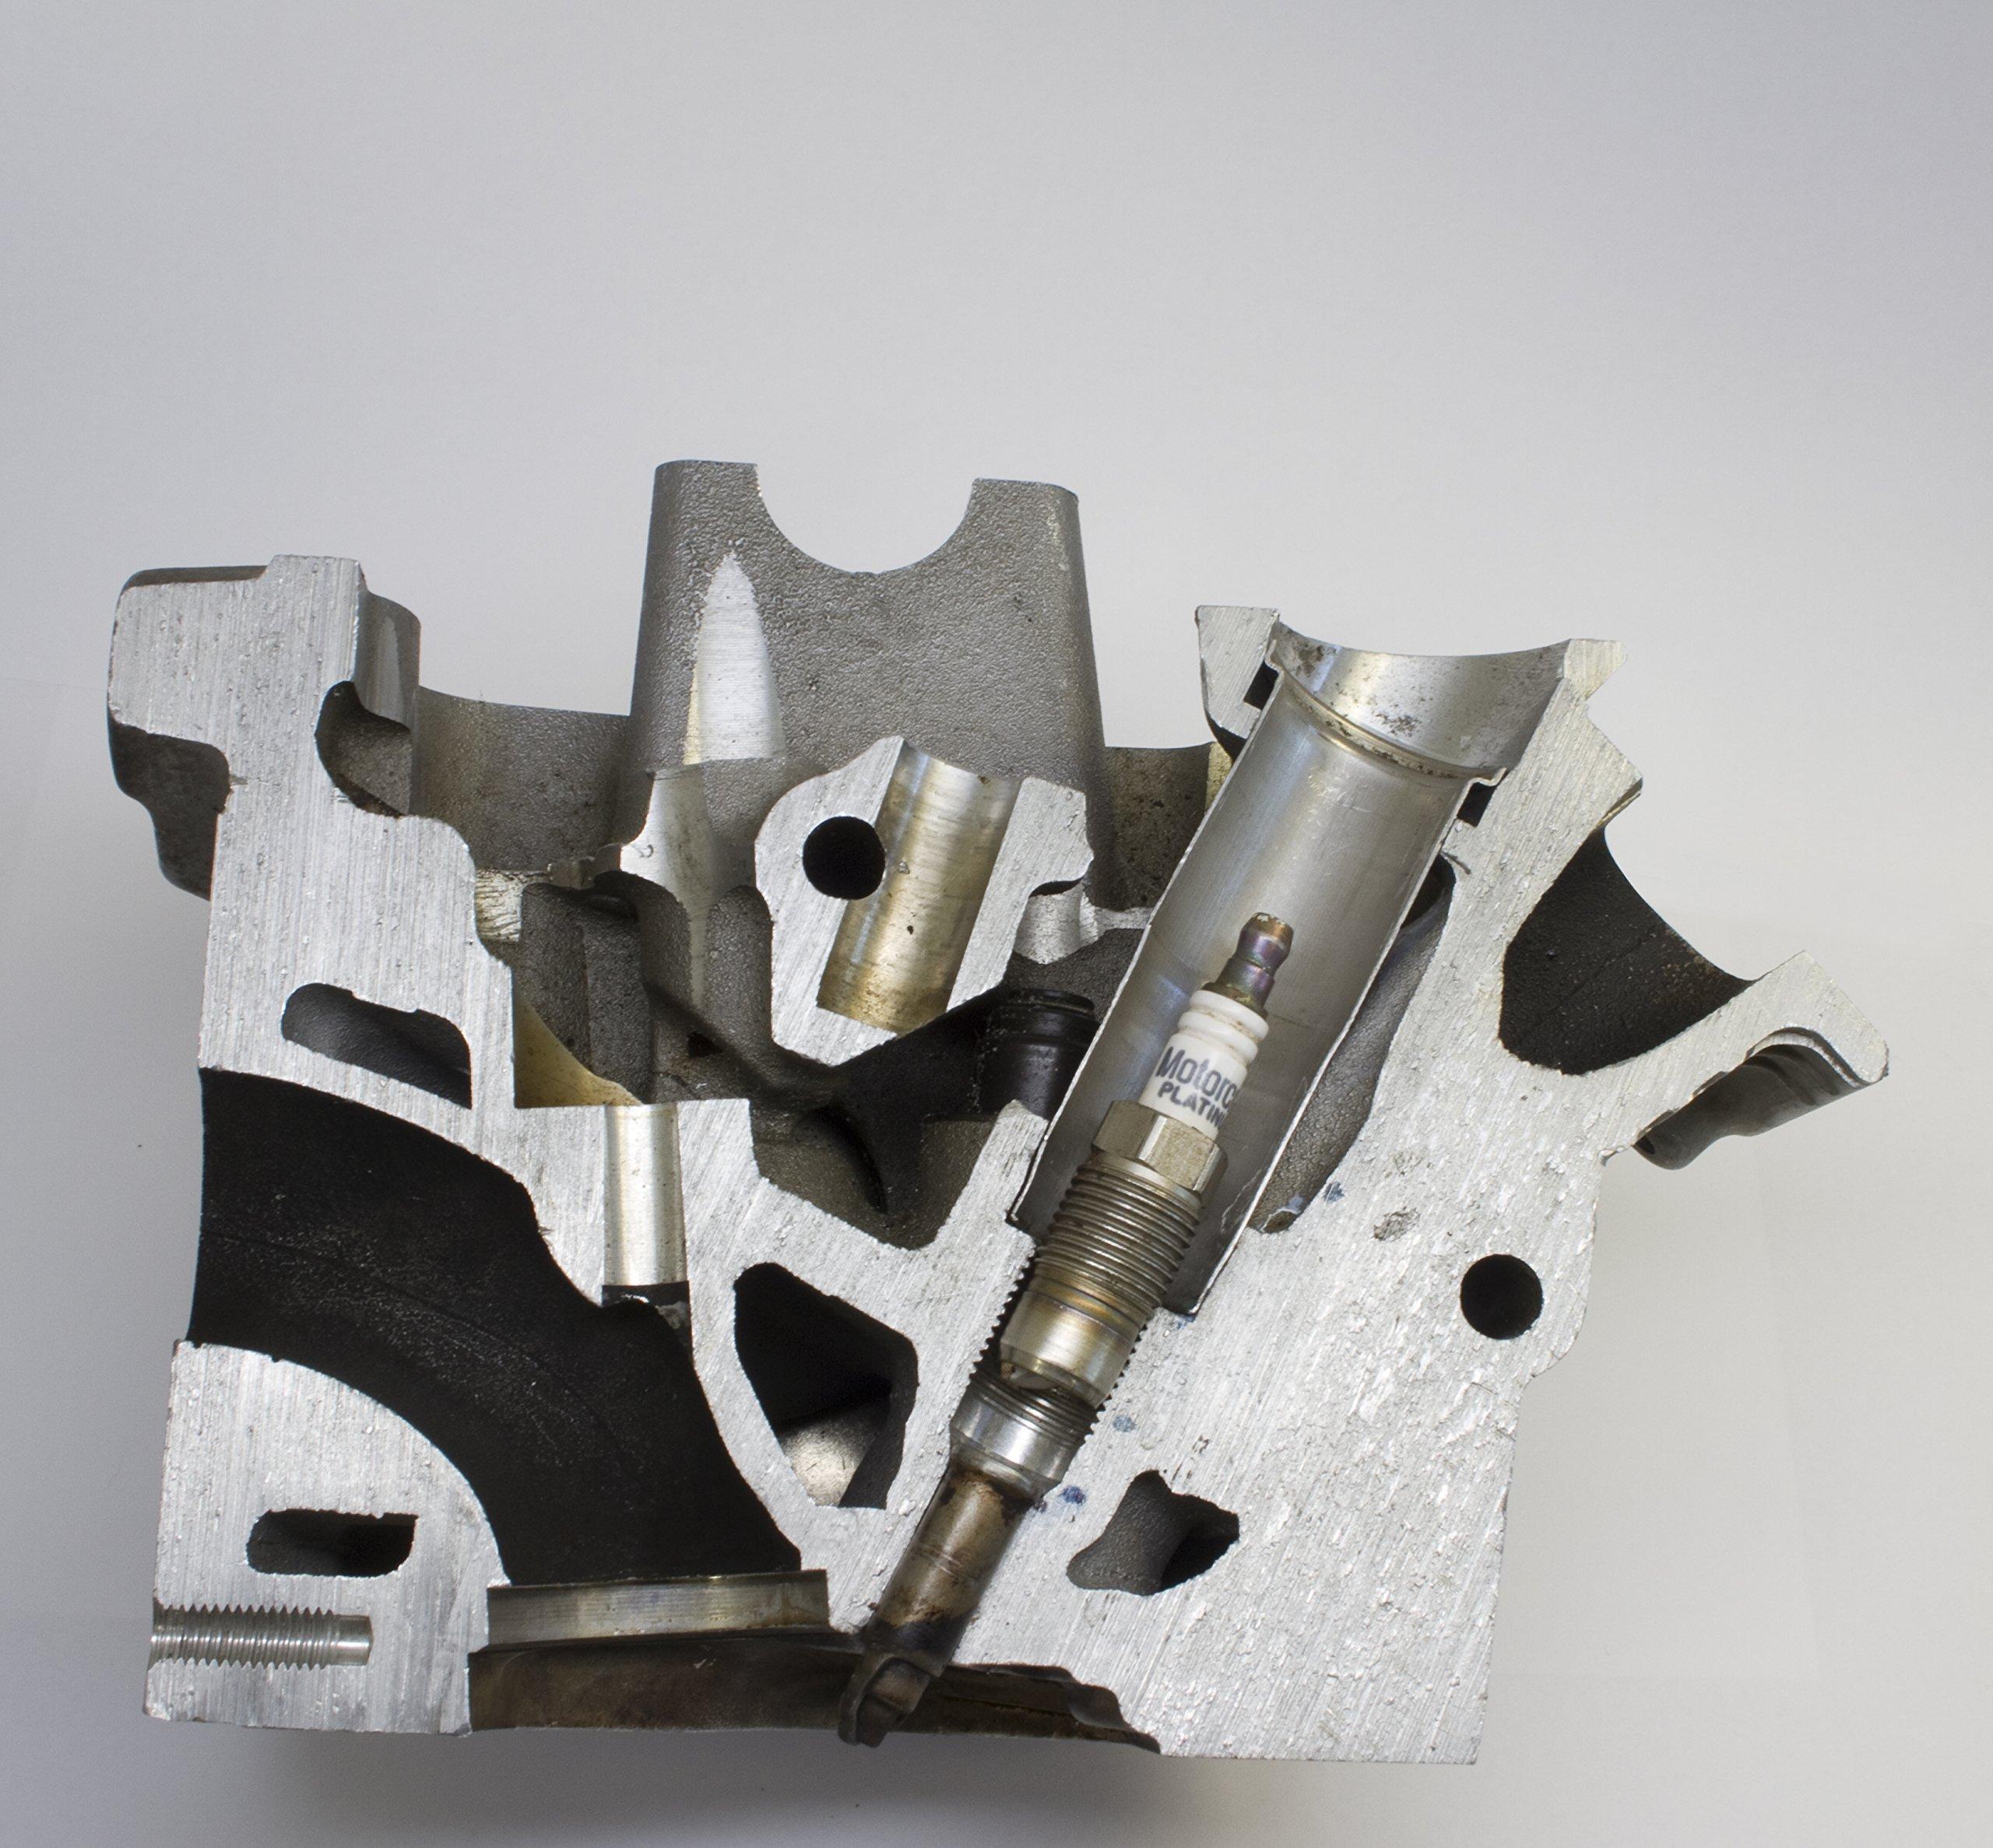 Lisle 65700 Broken Plug Remover Kit for Ford 3V Engine by Lisle (Image #2)